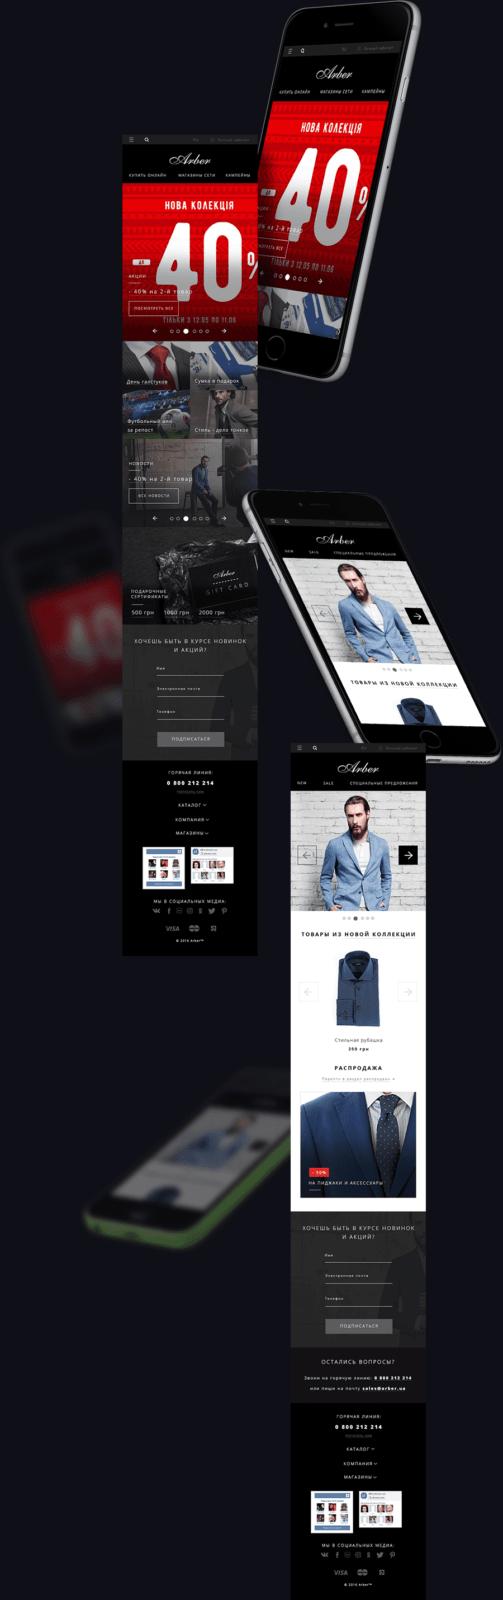 дизайн сайта в одессе Арбер